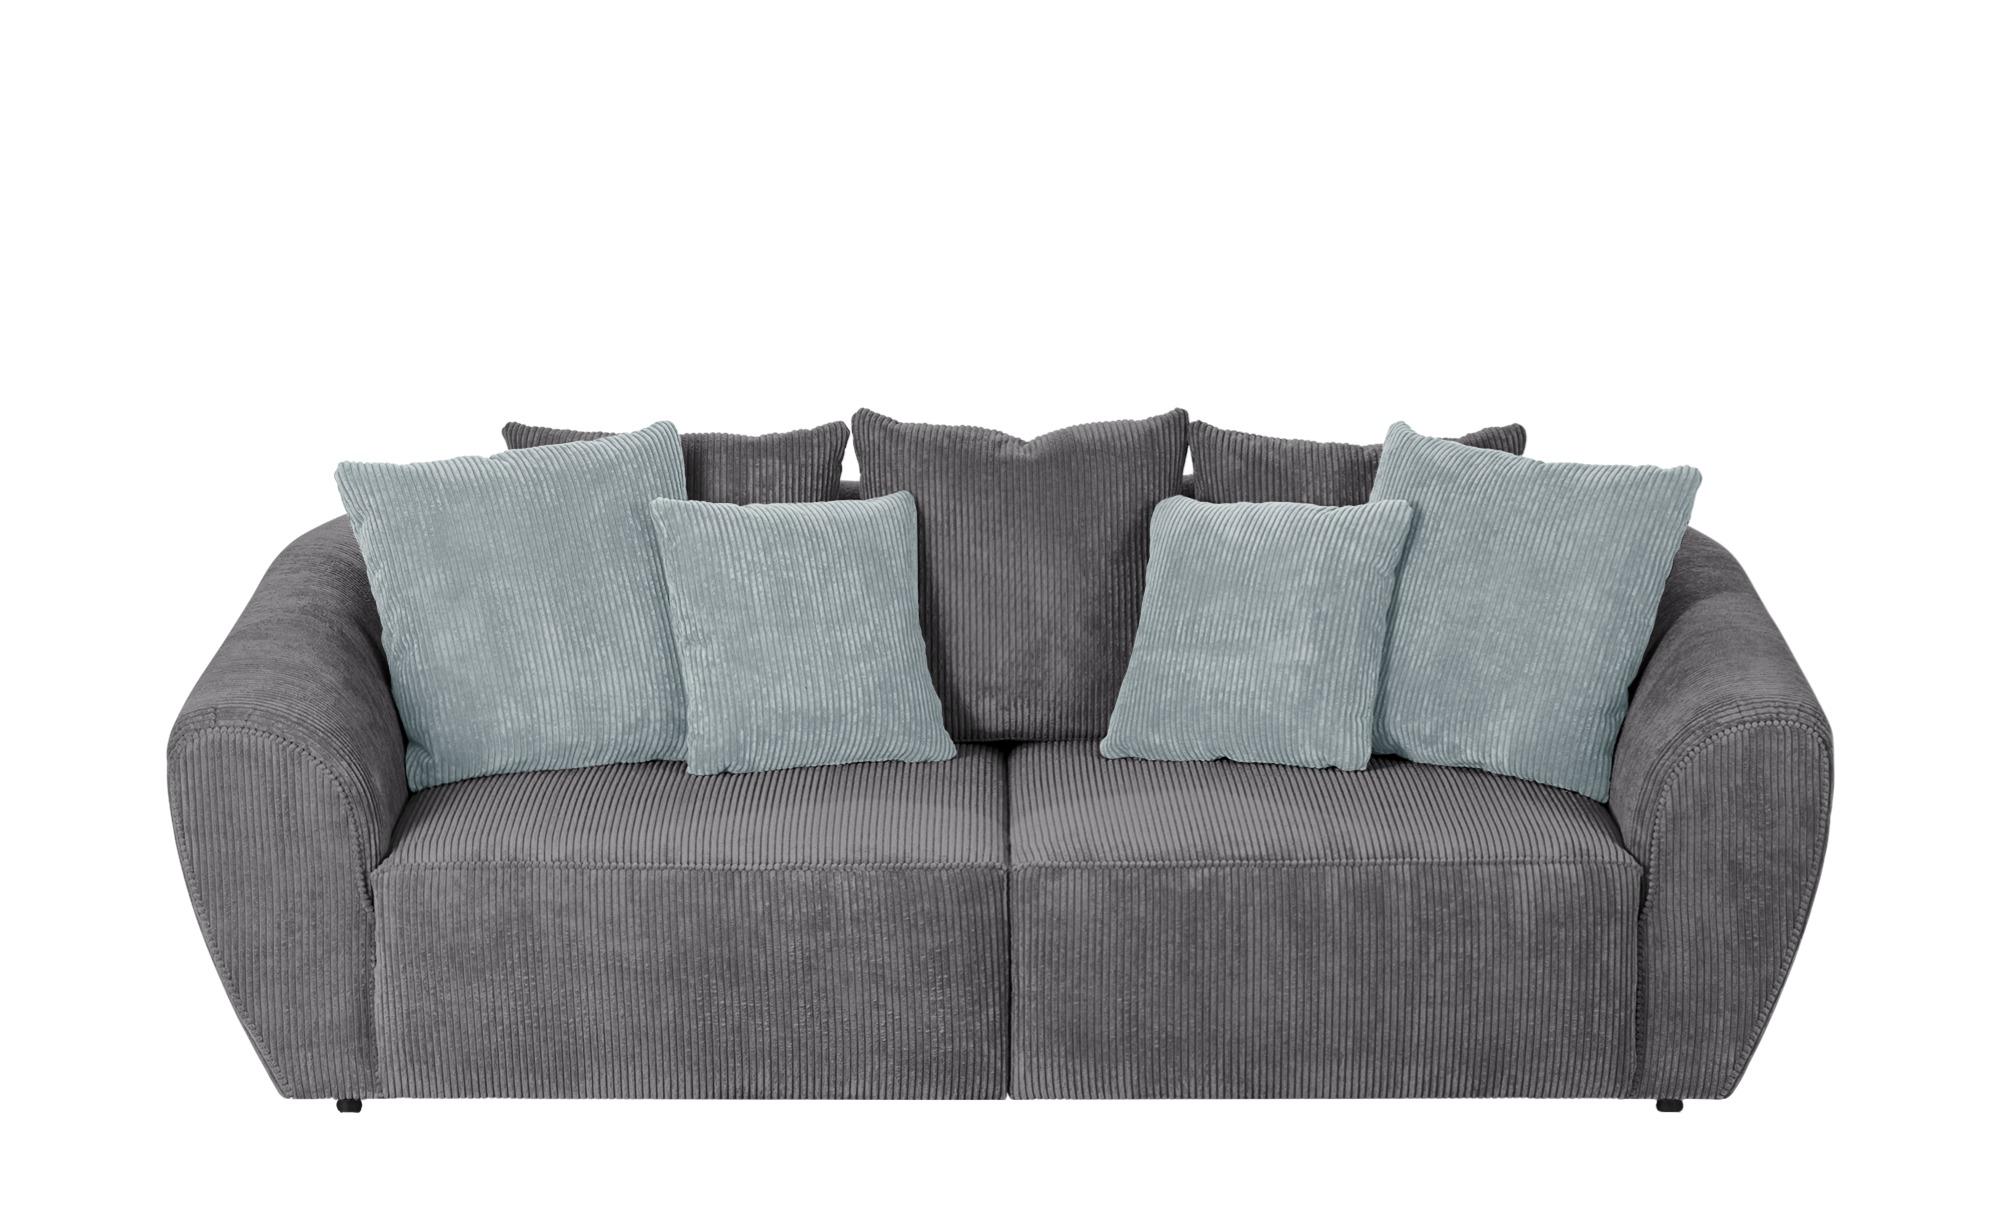 Full Size of Smart Big Sofa Savita Grau Chesterfield Gebraucht Mit Verstellbarer Sitztiefe Schillig Abnehmbarer Bezug Hocker Auf Raten L Form Boxspring Polsterreiniger Sofa Big Sofa Grau